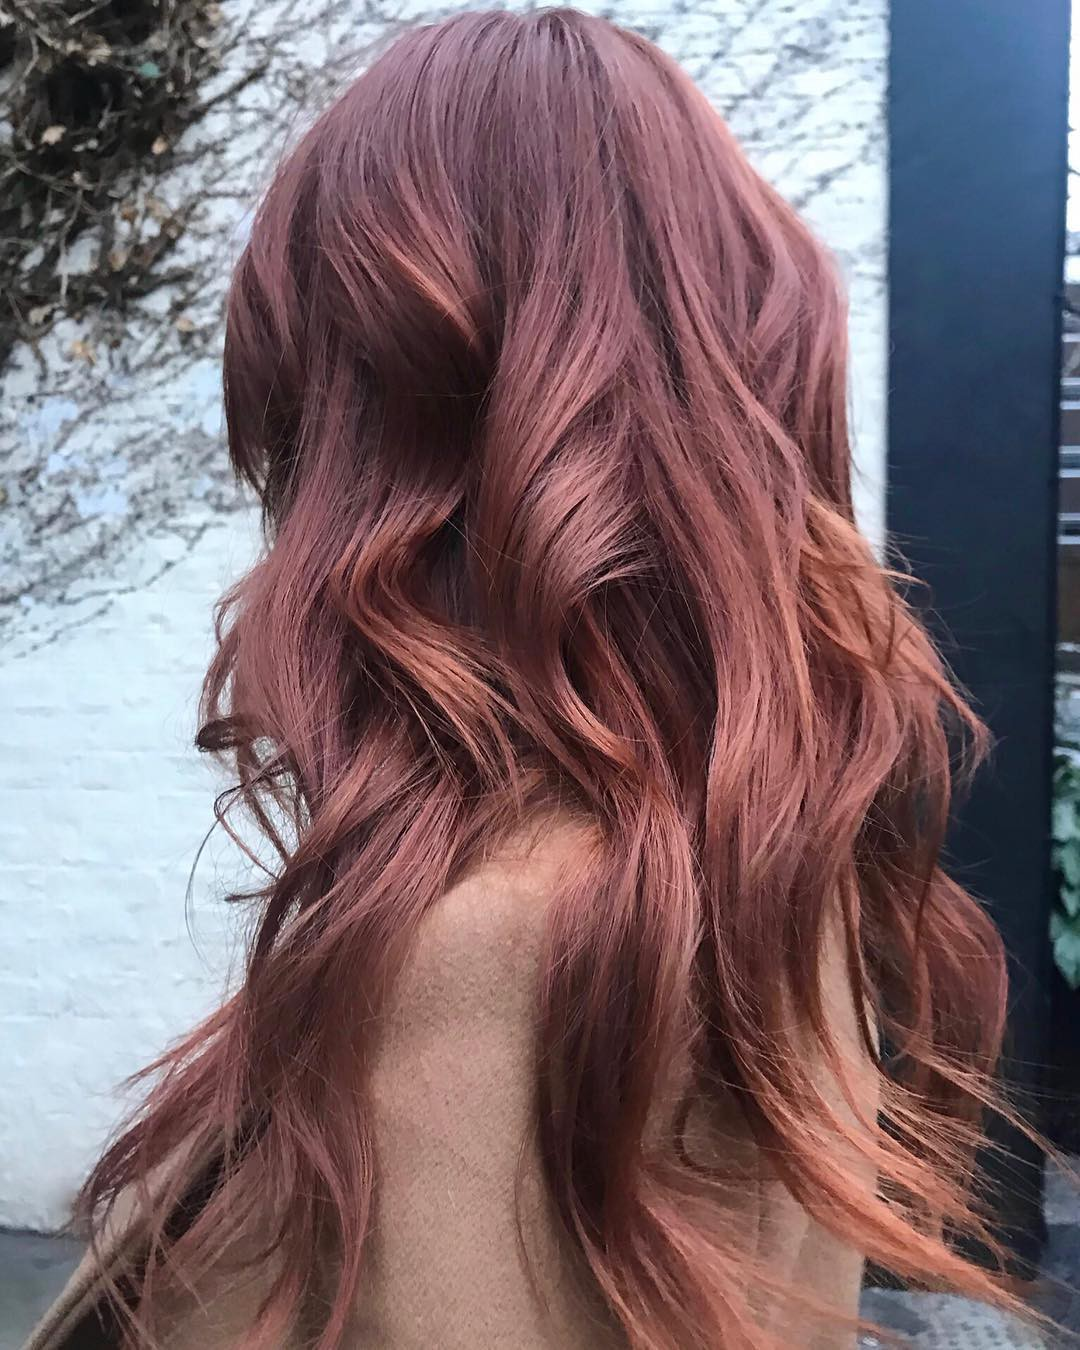 Cuối cùng cũng có một màu nhuộm đẹp long lanh mà con gái châu Á tóc đen có thể đu theo: màu nhuộm nâu hoa hồng - Ảnh 6.